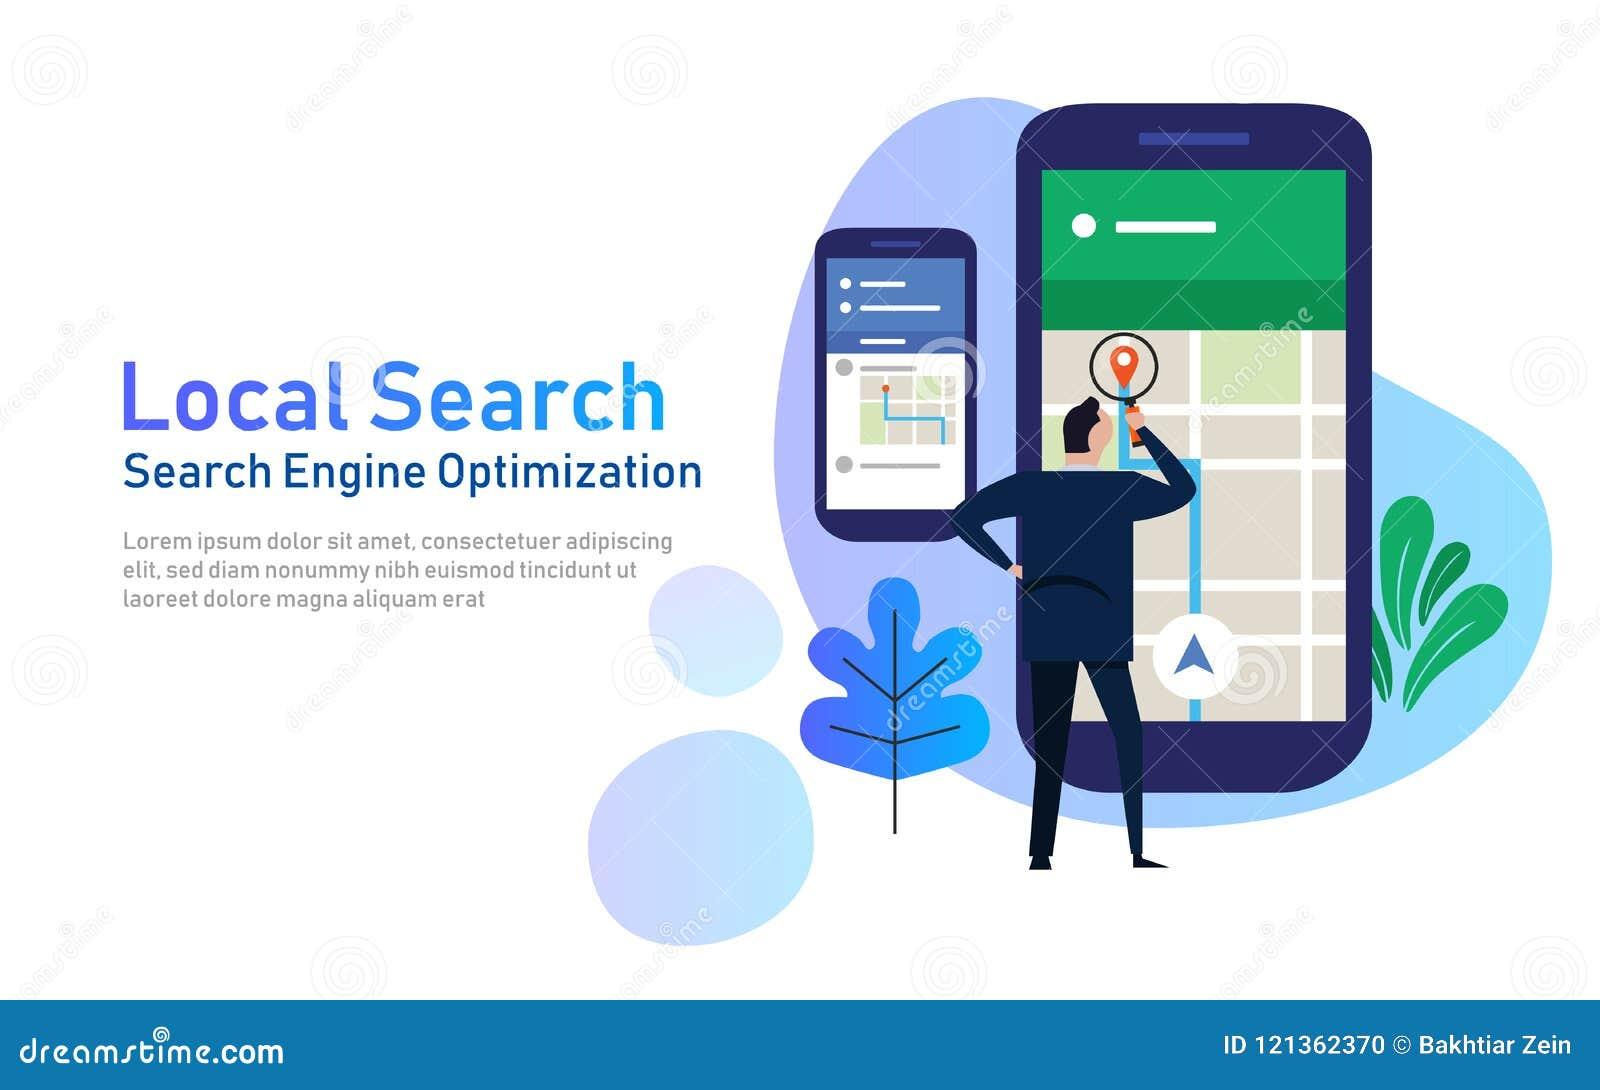 Commercio elettronico locale di vendita di ricerca concetto di ottimizzazione mobile del motore di ricerca di posizione SEO grand